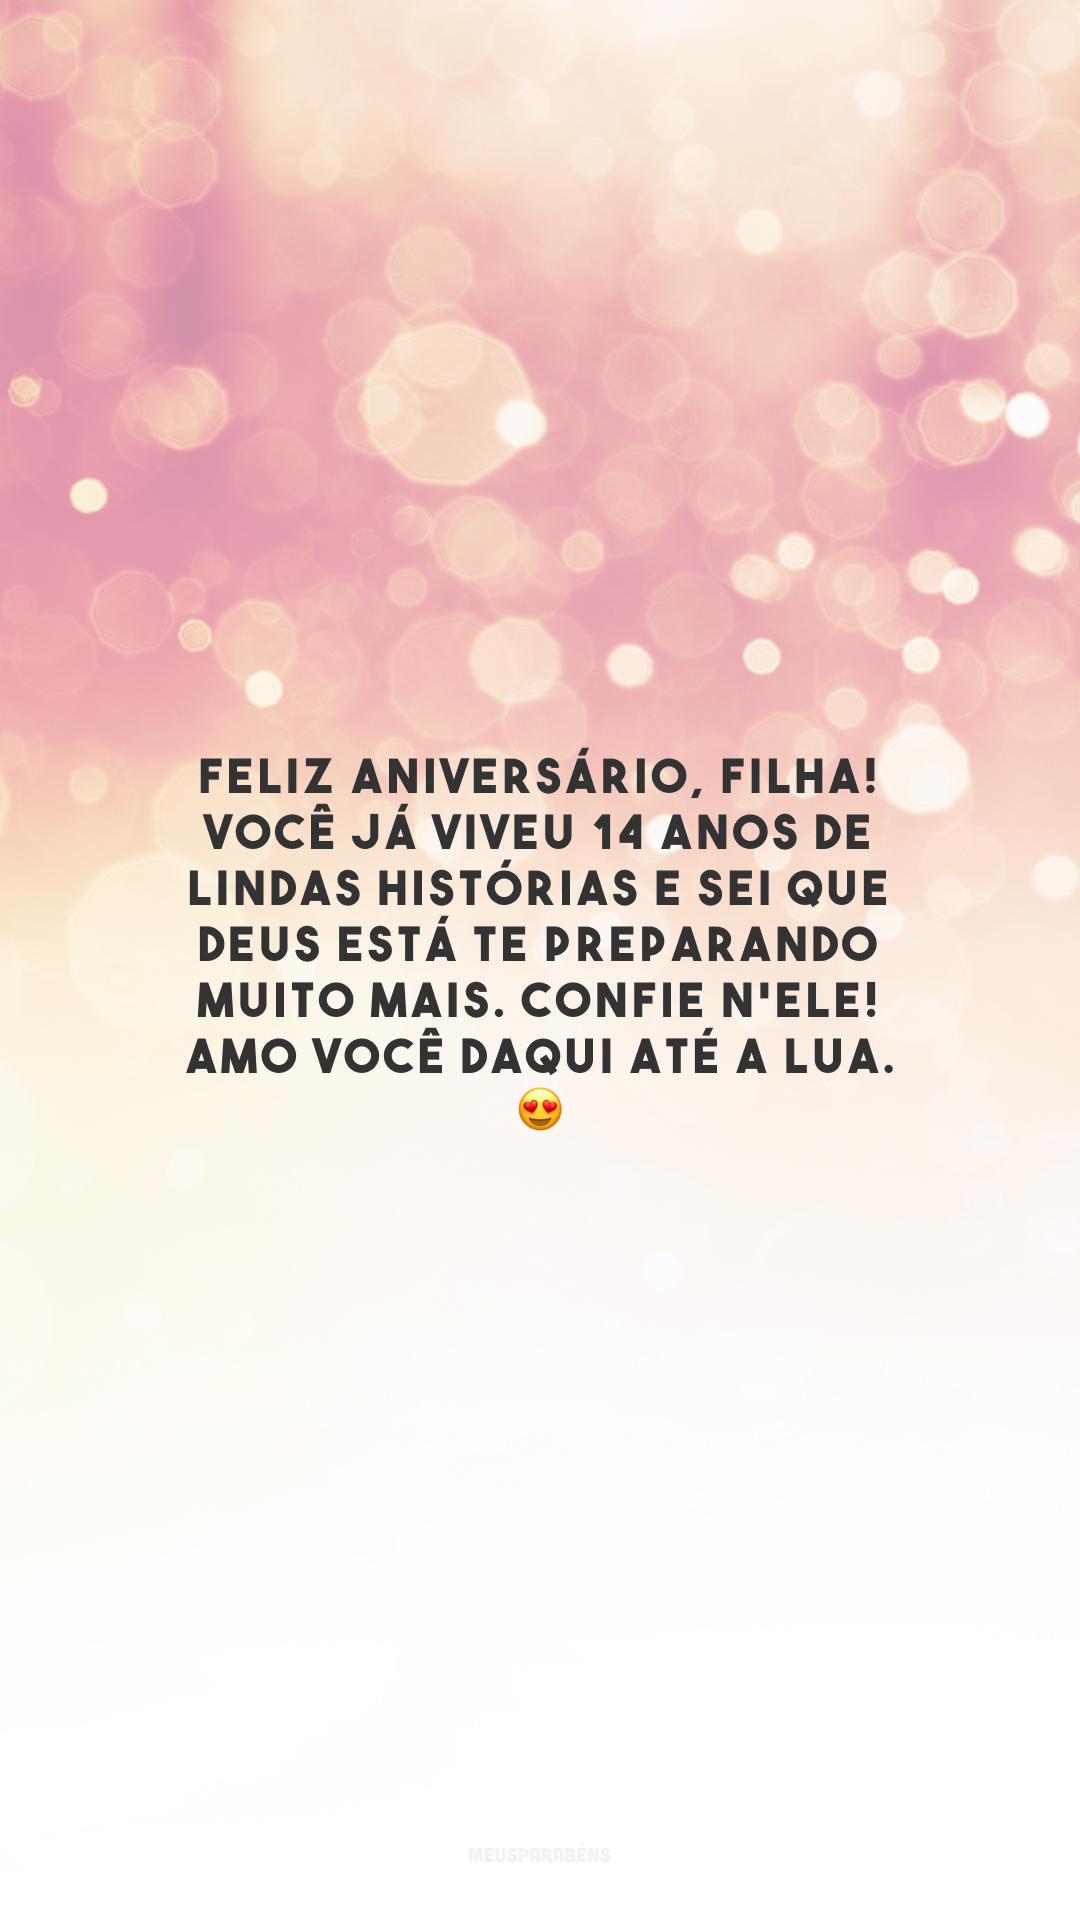 Feliz aniversário, filha! Você já viveu 14 anos de lindas histórias e sei que Deus está te preparando muito mais. Confie n'Ele! Amo você daqui até a lua. 😍